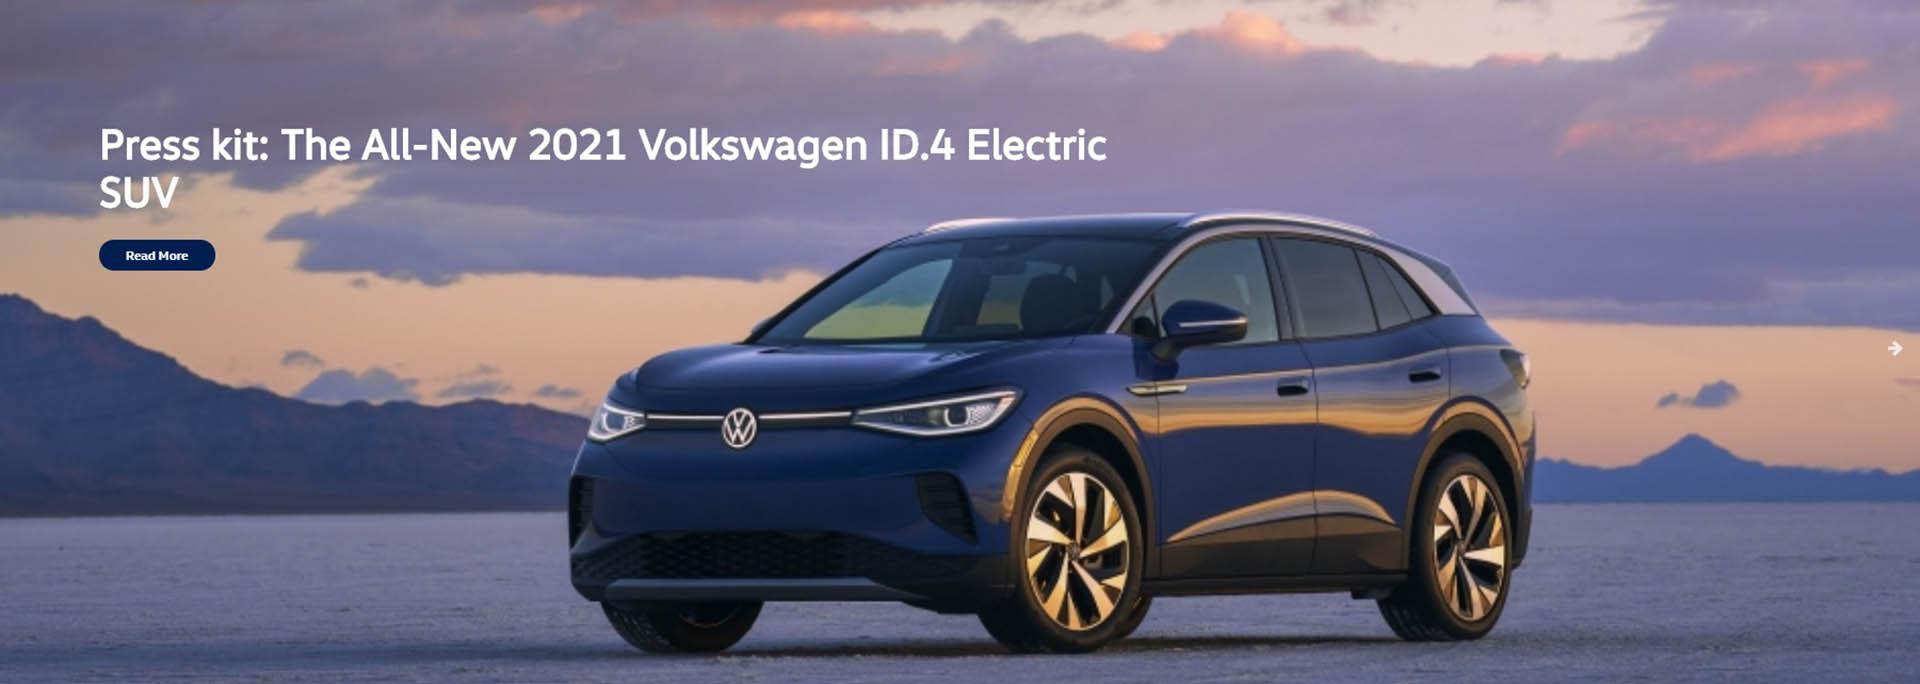 La promoción del Volkswagen ID.4 Electric